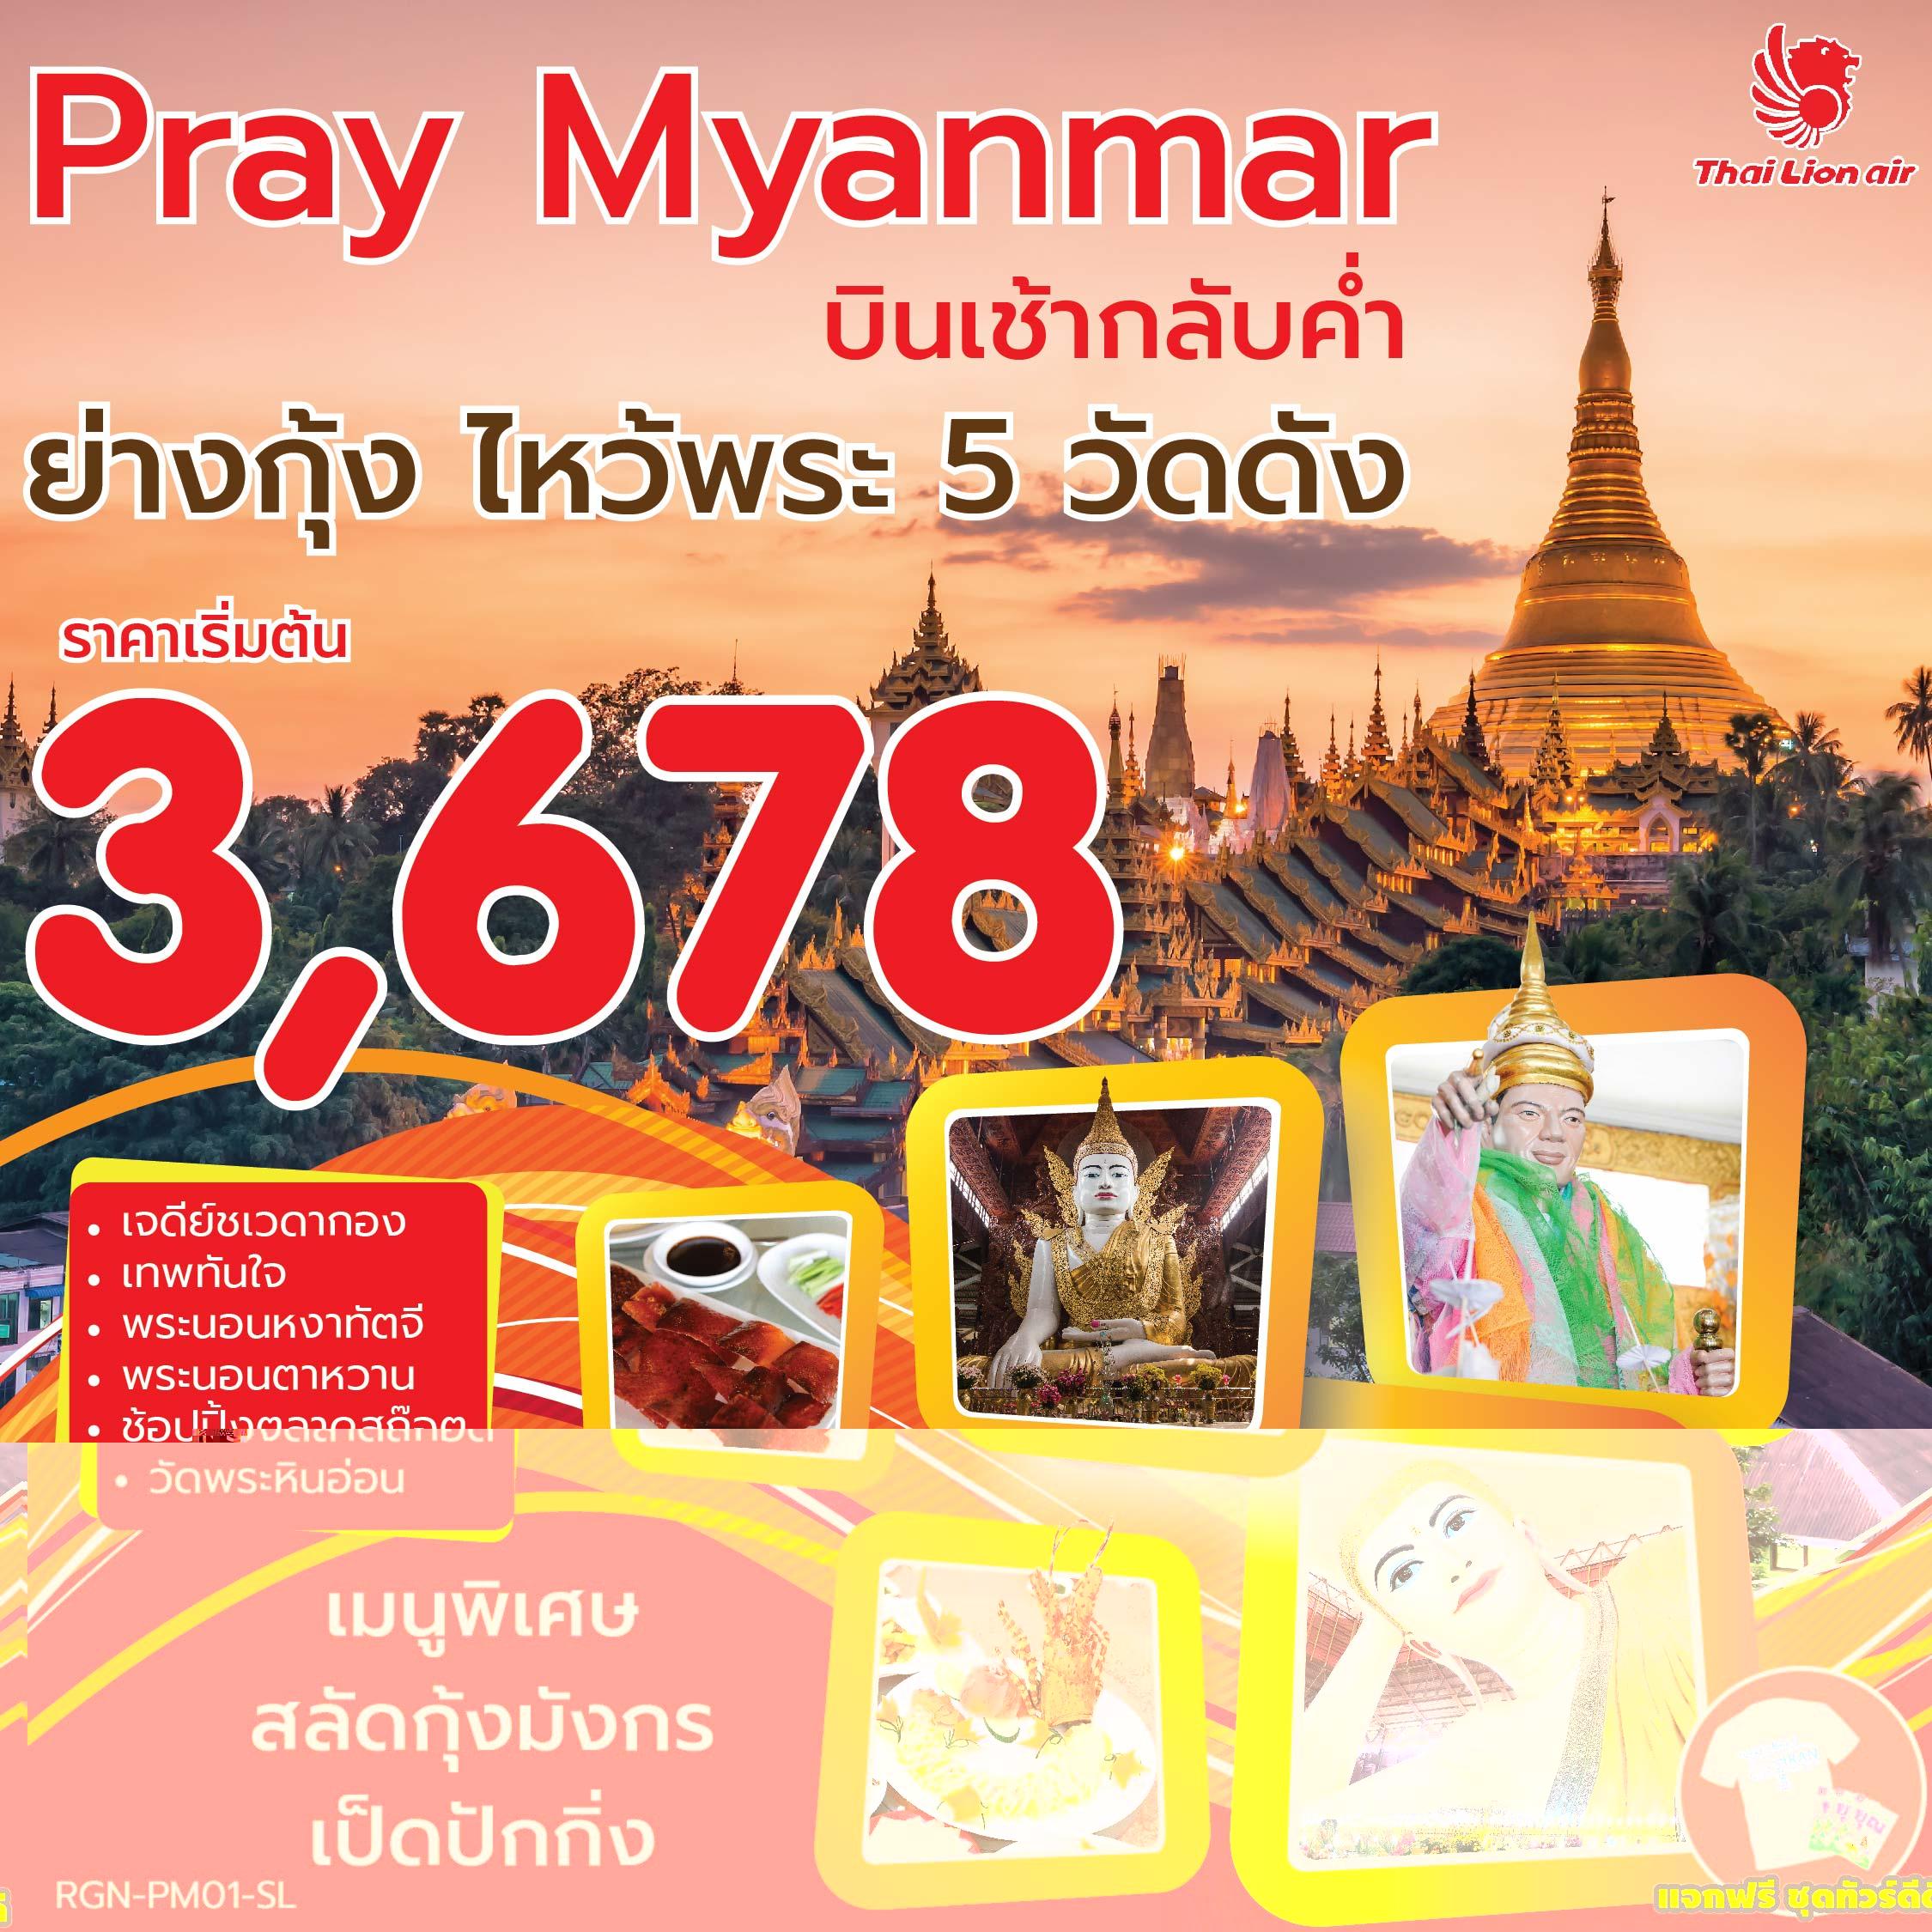 พม่า 1 วัน (Pray Myanmar) บินเช้า-กลับค่ำ